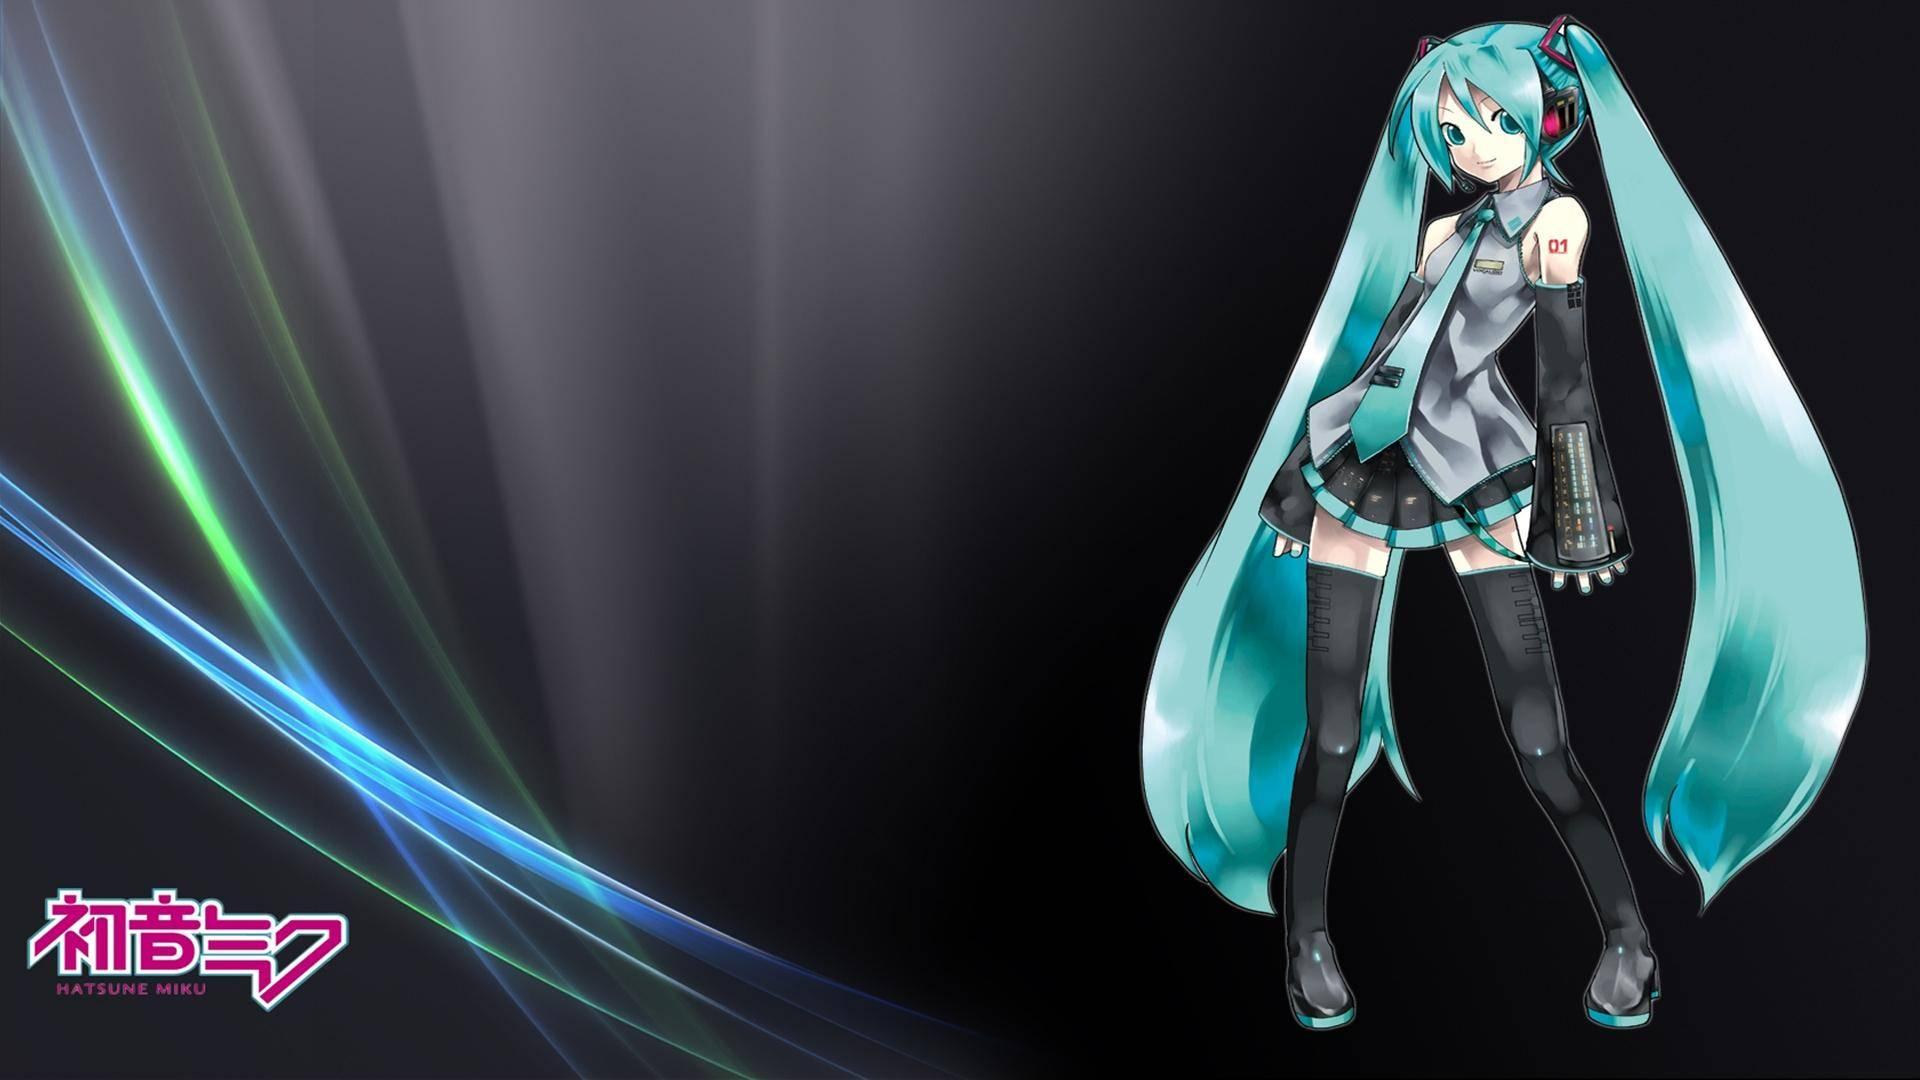 「初音ミク Project DIVA Future Tone」DLC「追加楽曲パック1st」が9月15日に配信